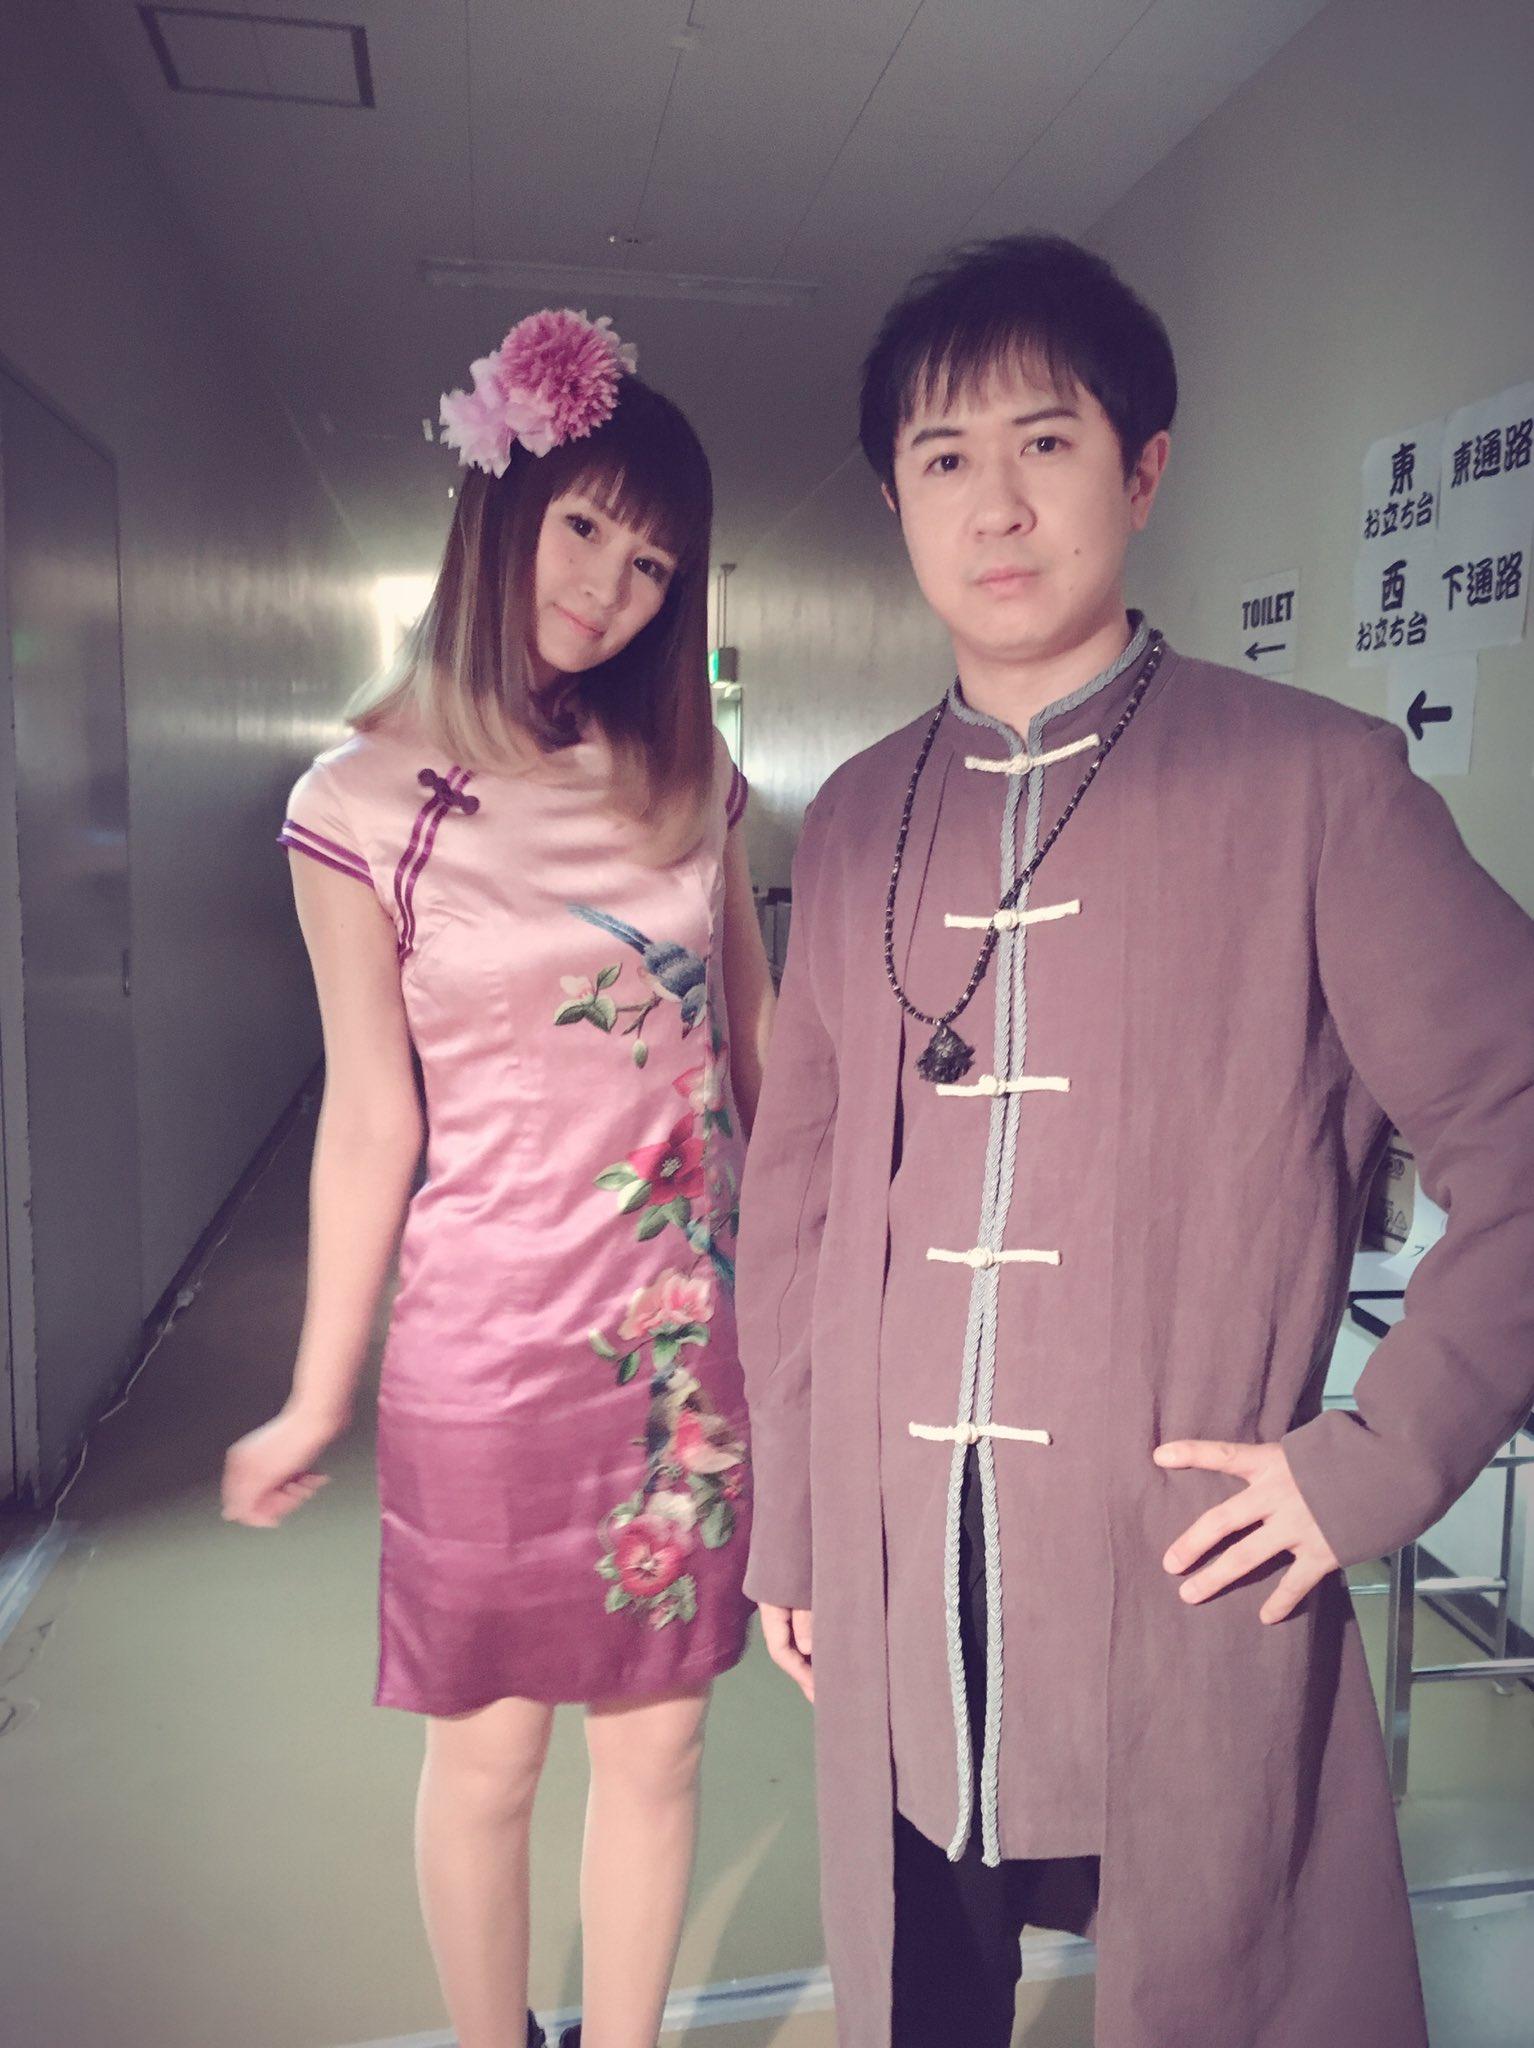 성우 고바야시 유우씨의 사진, 은혼 이벤트에서